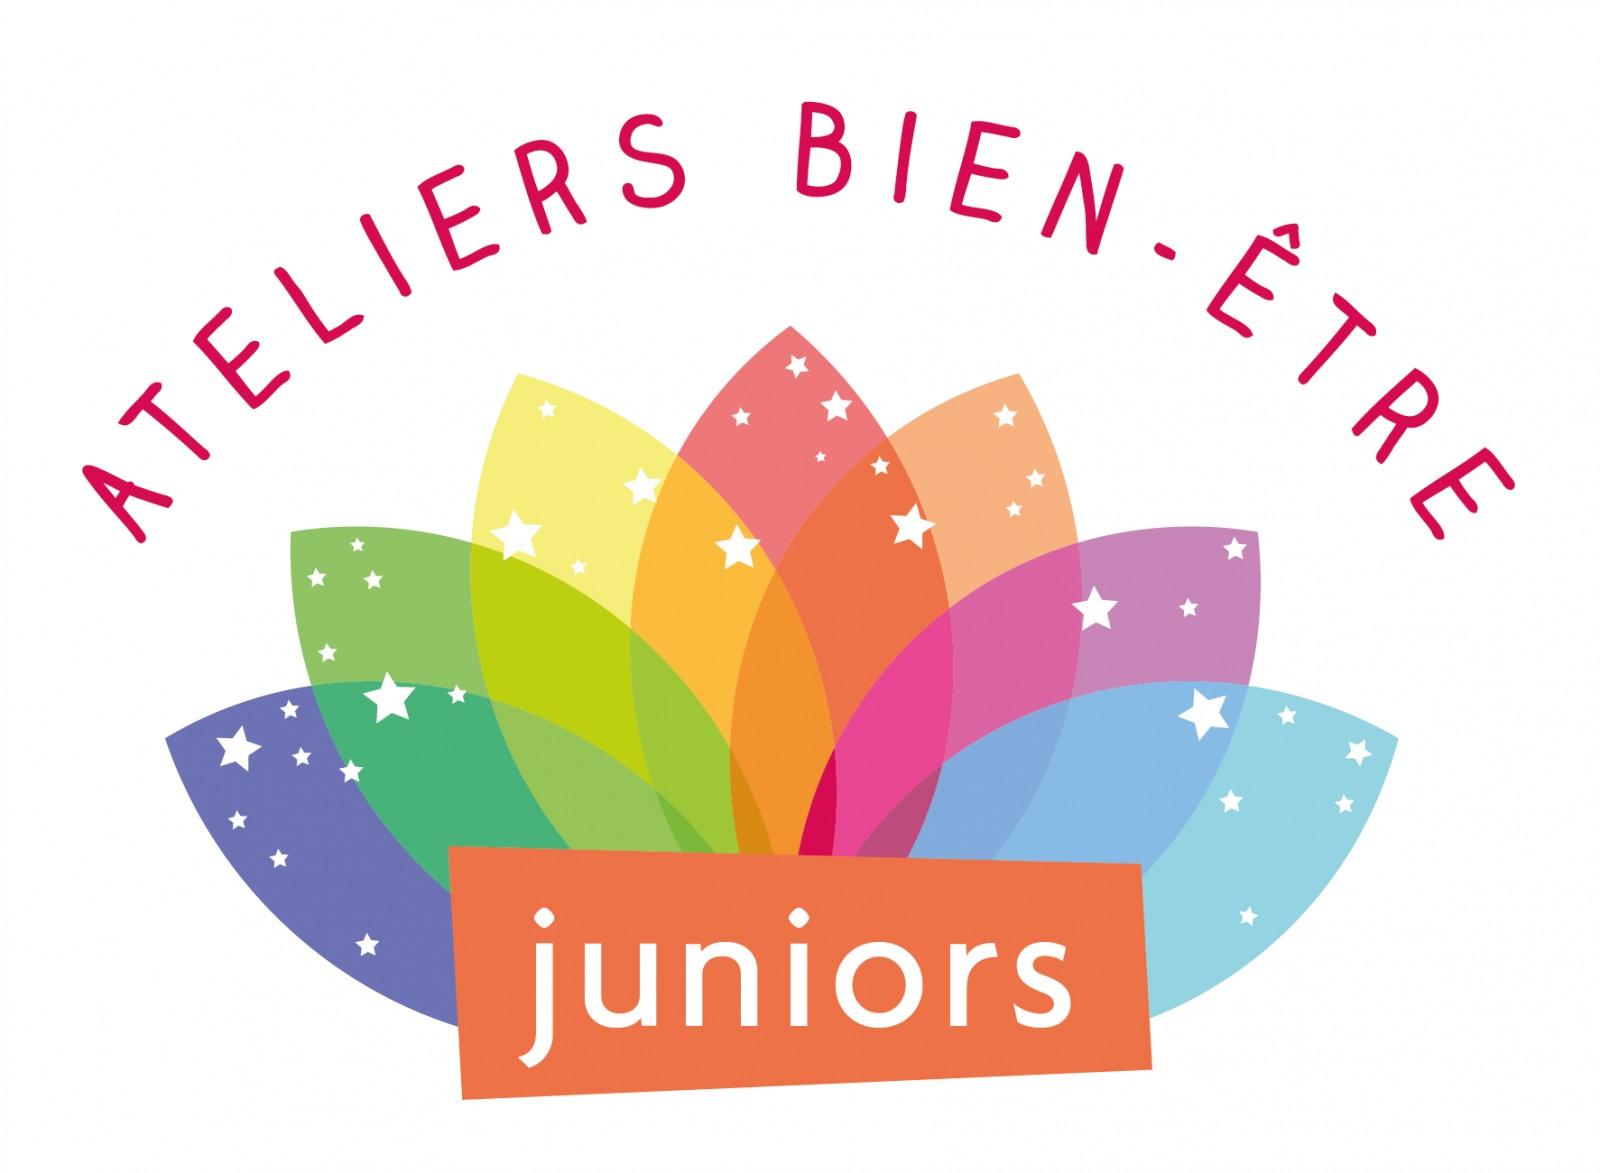 L'atelier des juniors : La confiance en soi - ABOS